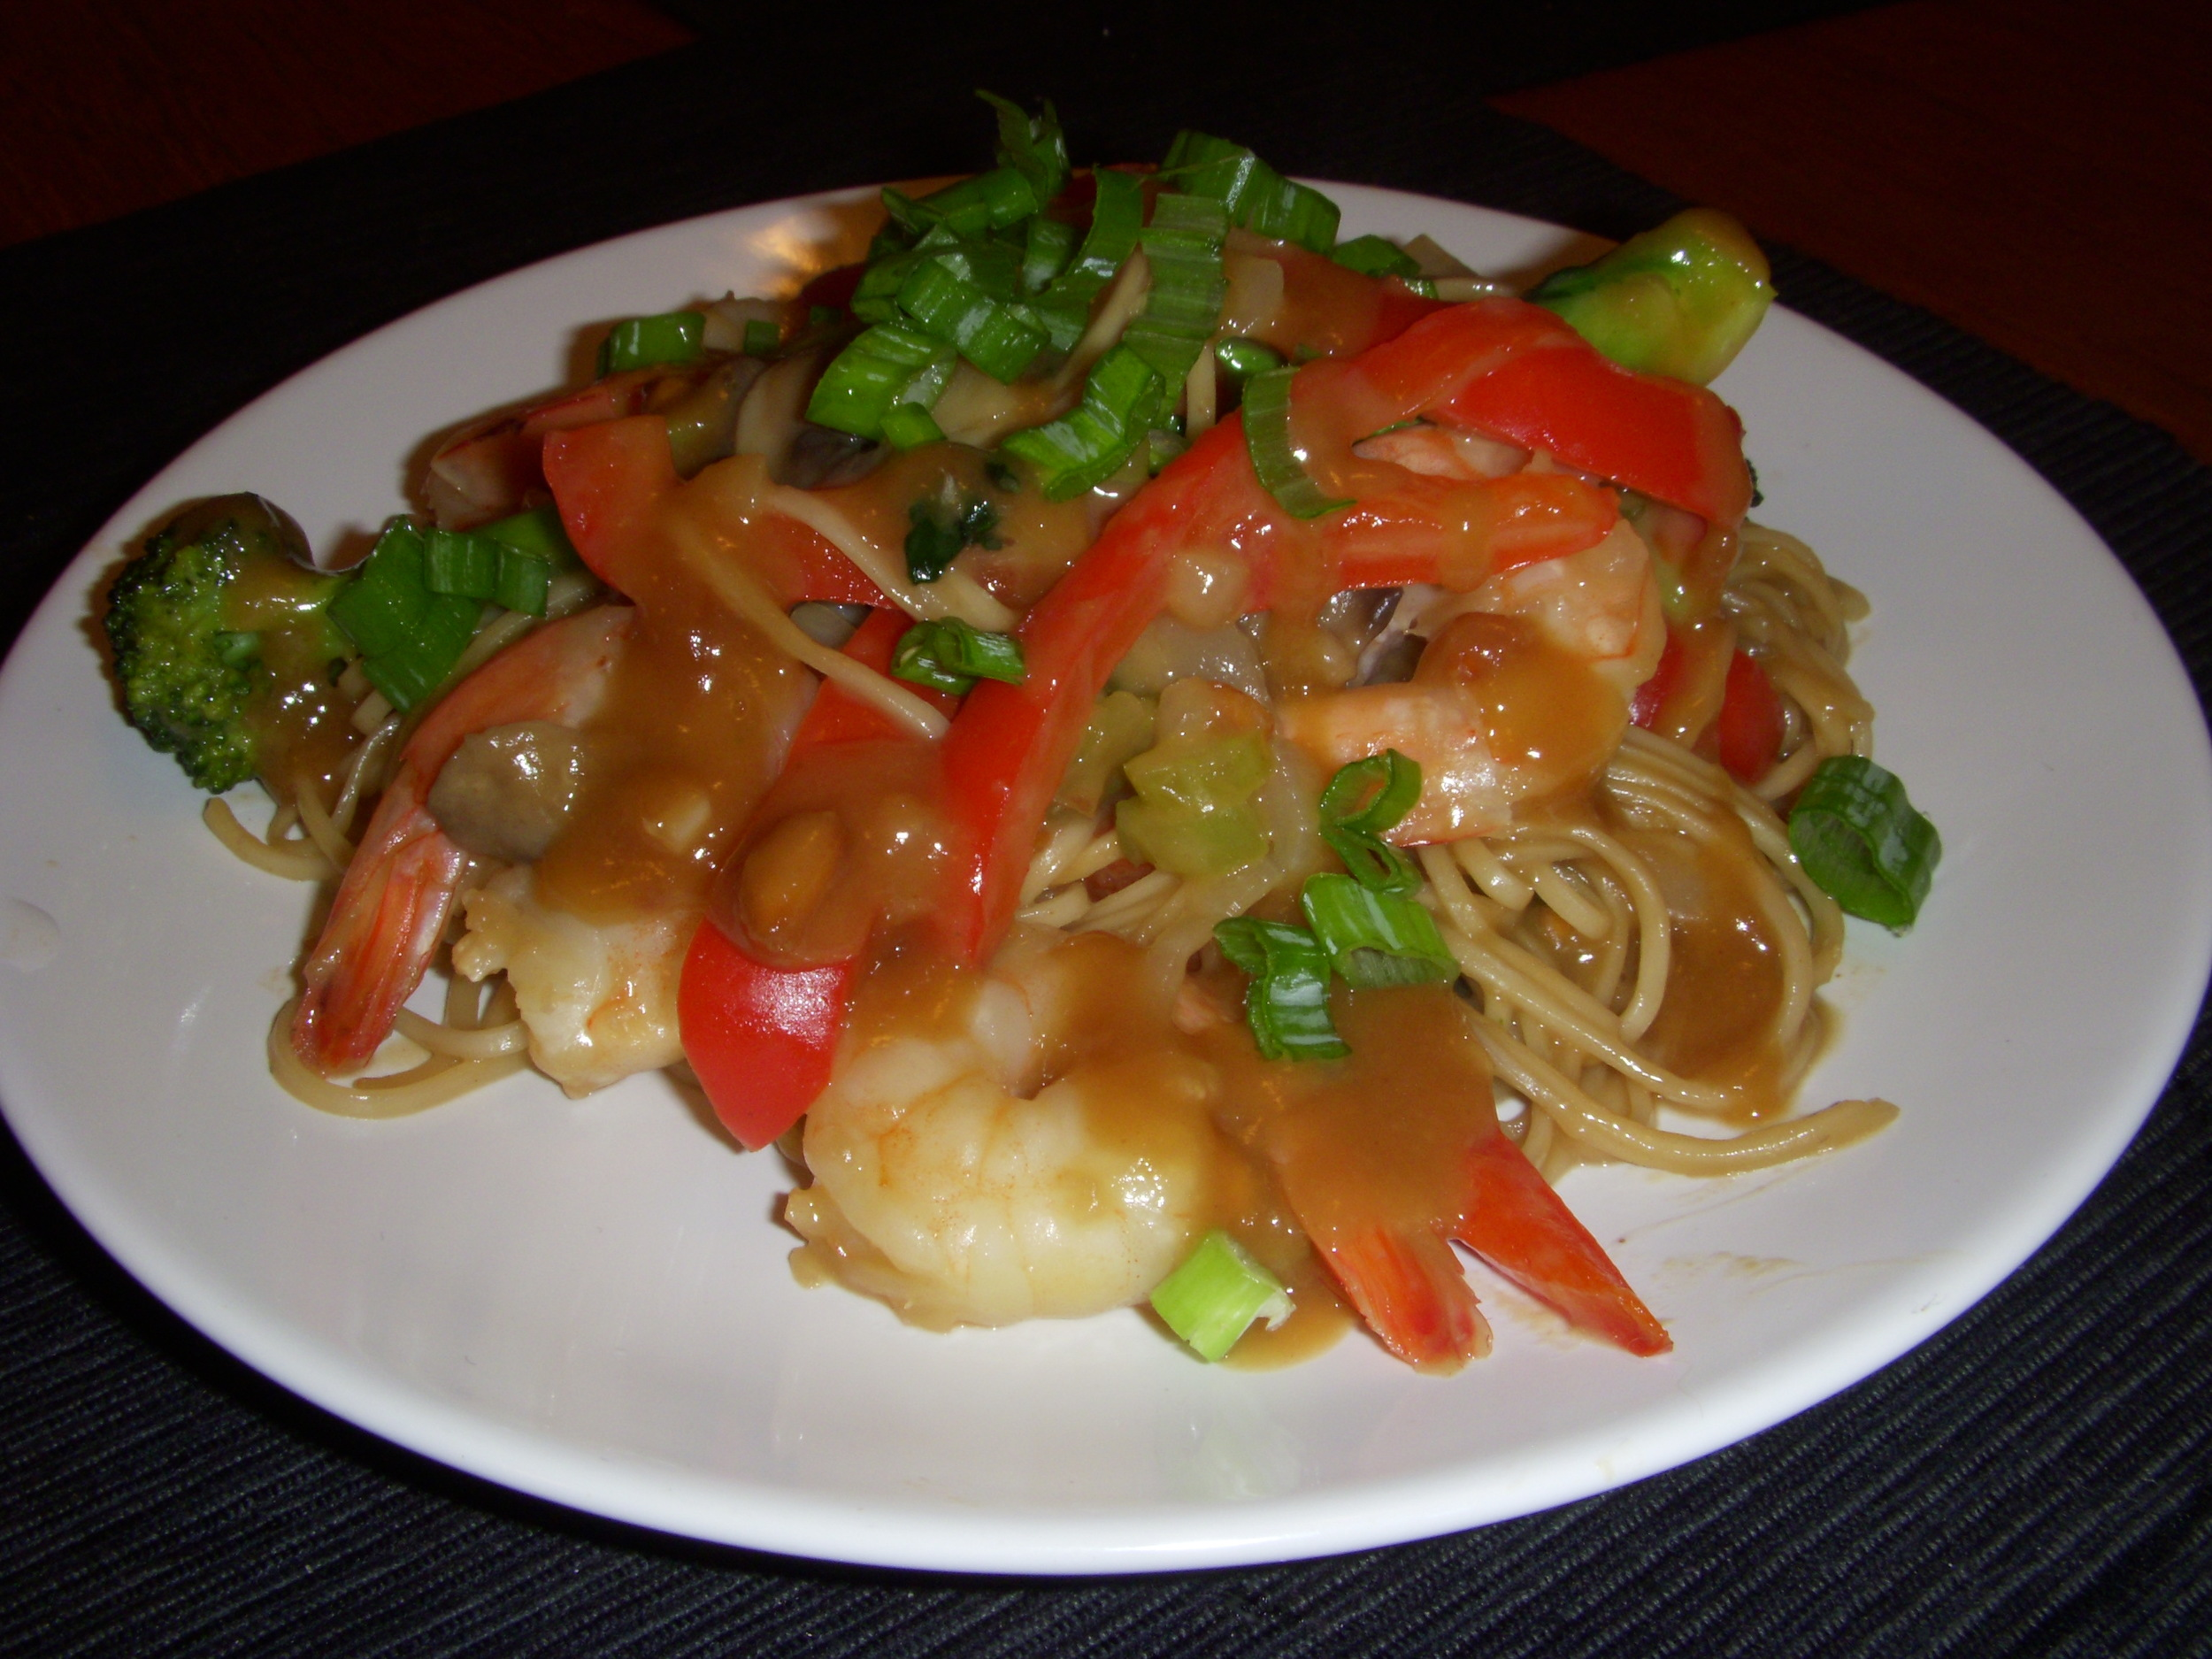 Shrimp and Peanut Stir Fry